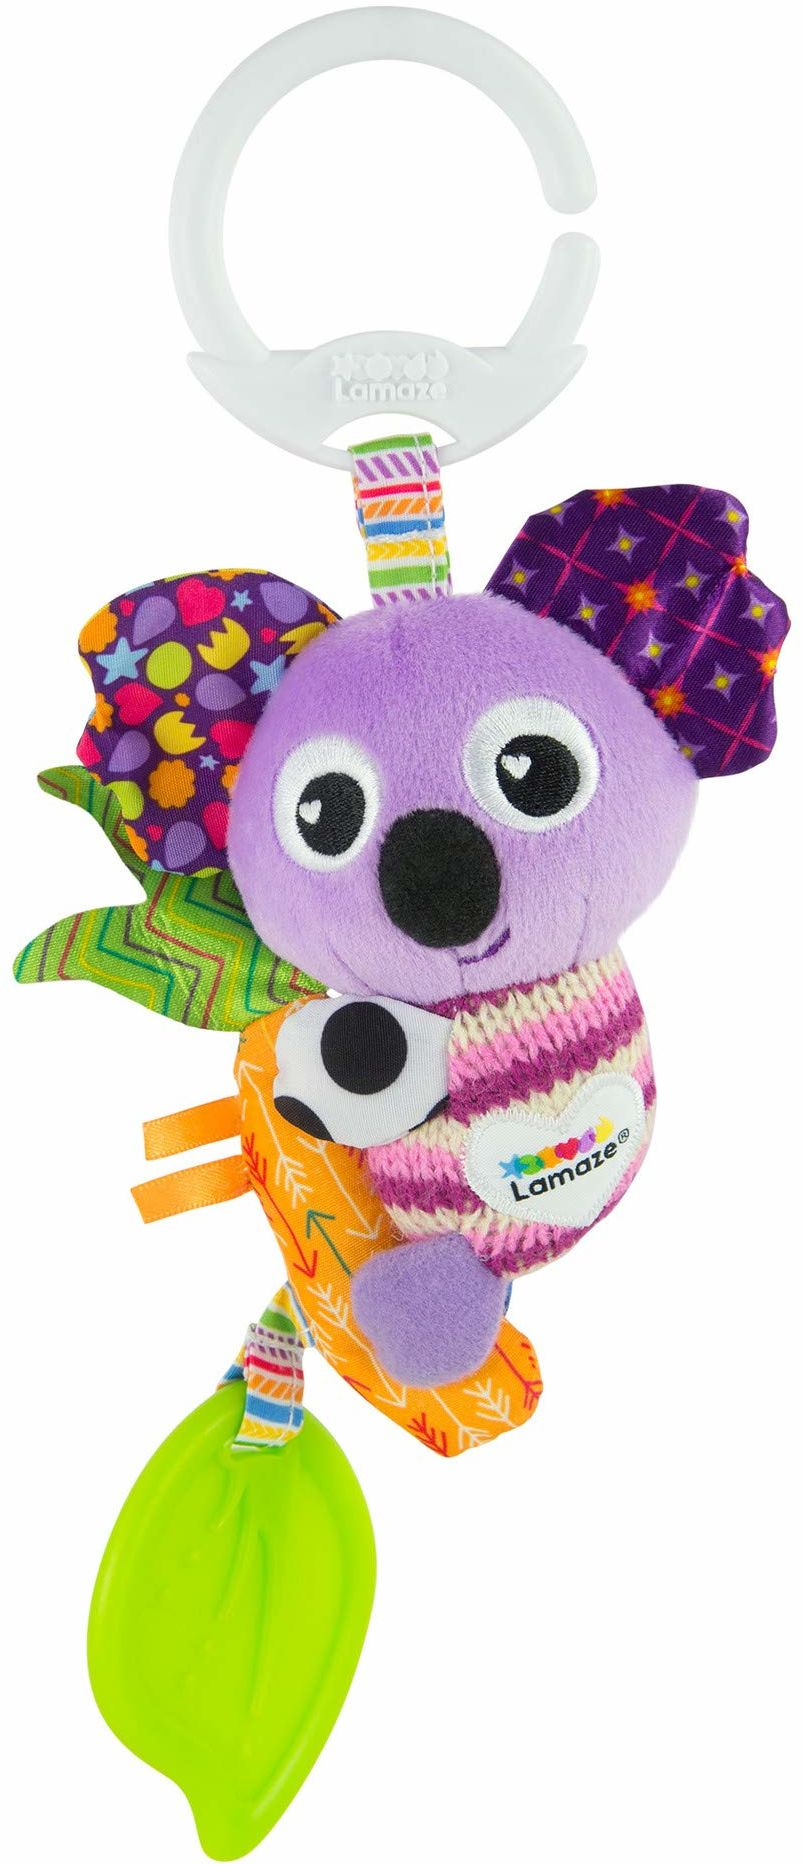 LAMAZE Mini Clip and Go Koala zabawka dla niemowląt, klips do wózka dziecięcego, zabawka i wózek dziecięcy, zabawka sensoryczna dla noworodków, chłopców i dziewcząt w wieku od 0 do 6 miesięcy